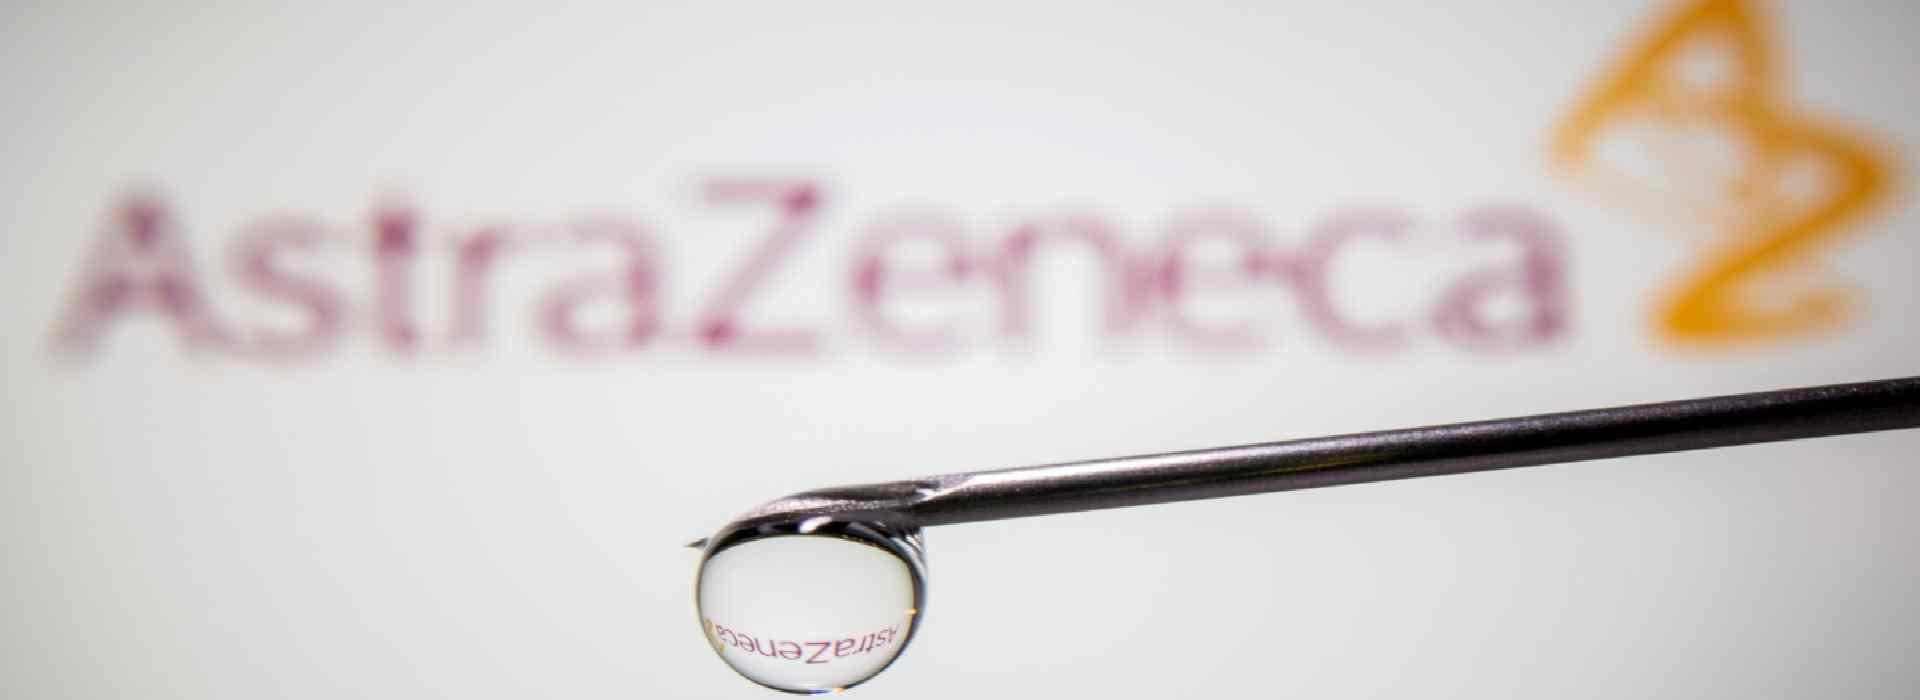 Vaccino AstraZeneca, usata una dose su 10. Ecco perché l'azienda ha dimezzato la fornitura